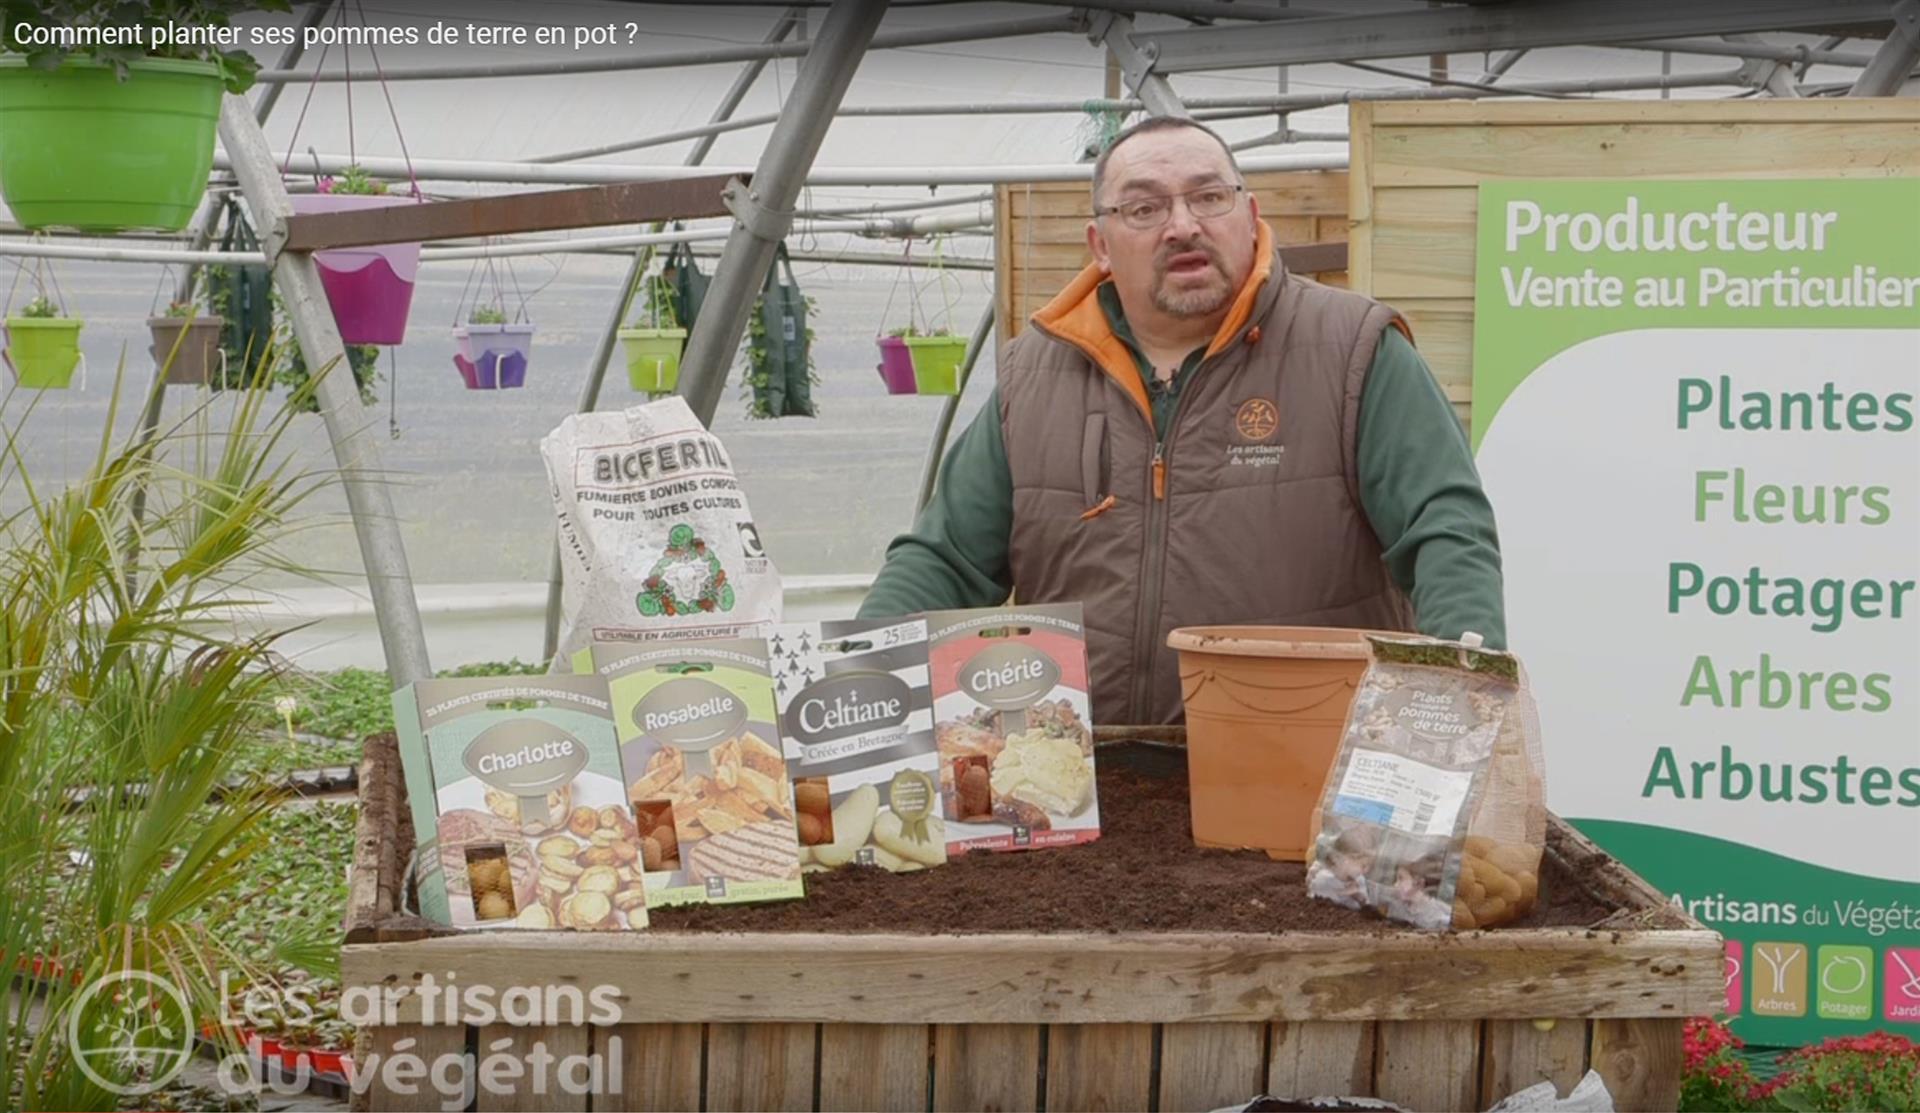 Comment Planter Ses Pommes De Terre En Pot